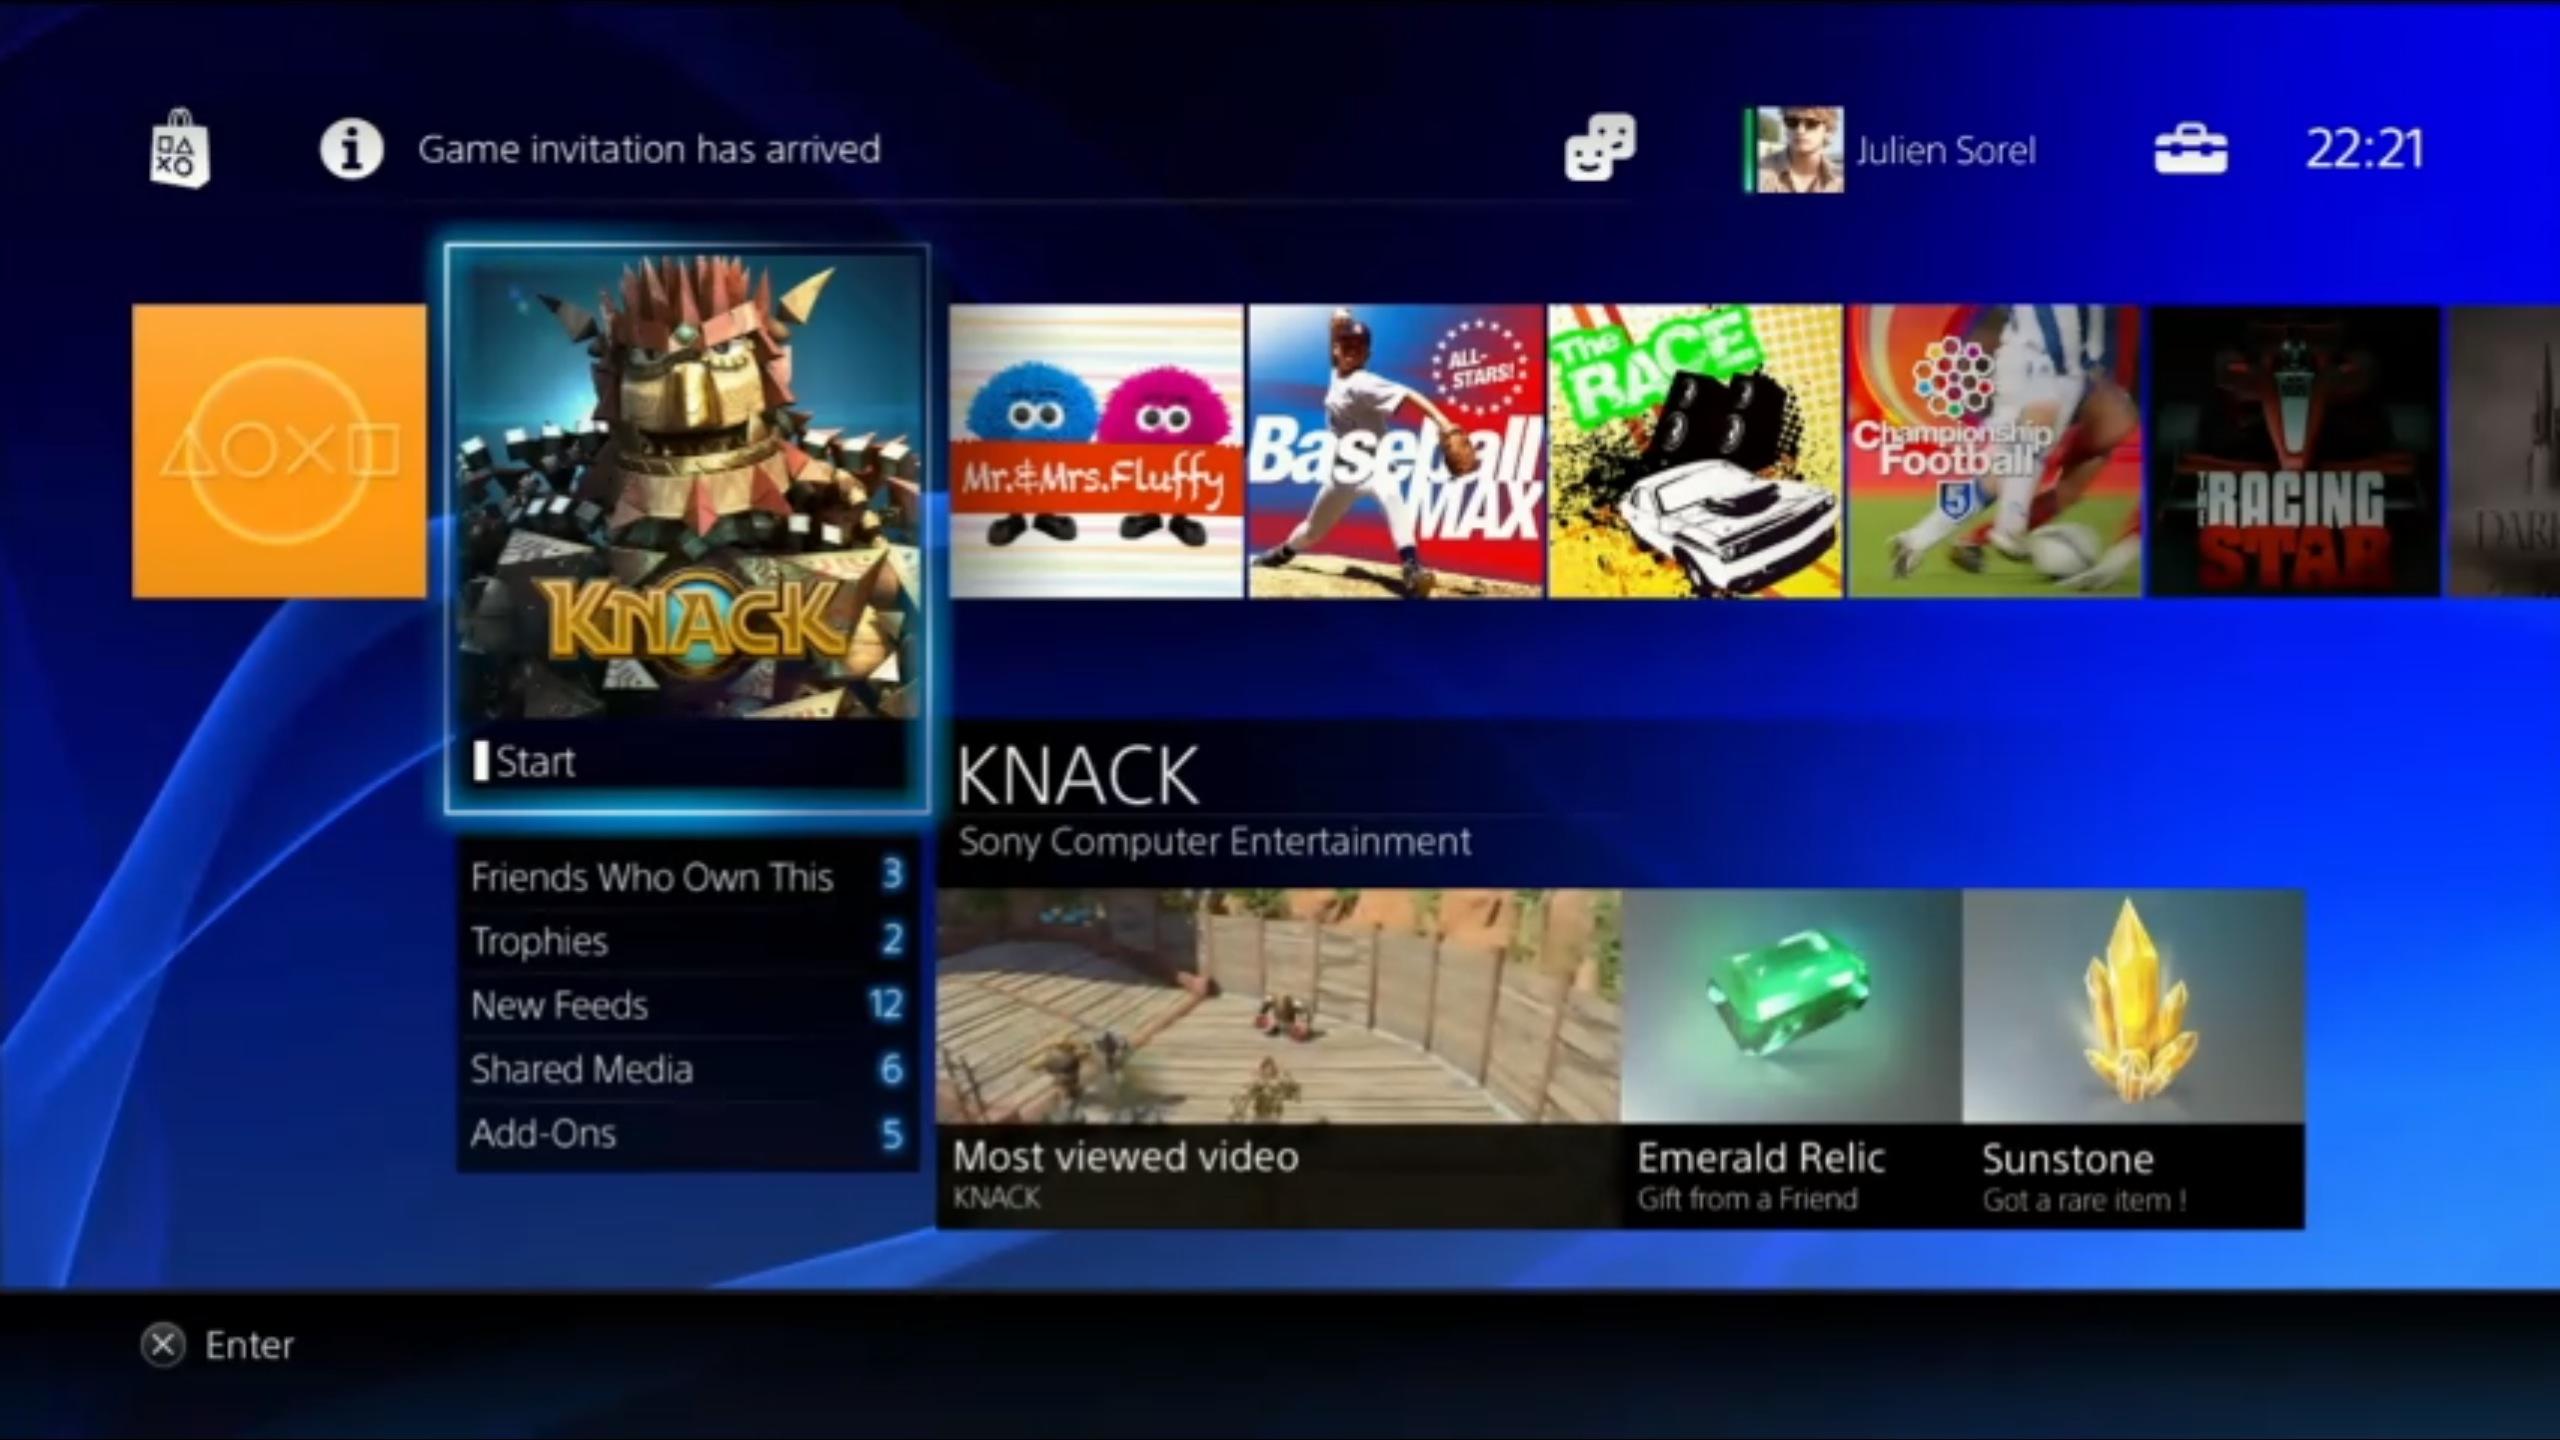 L'interfaccia di PlayStation 4